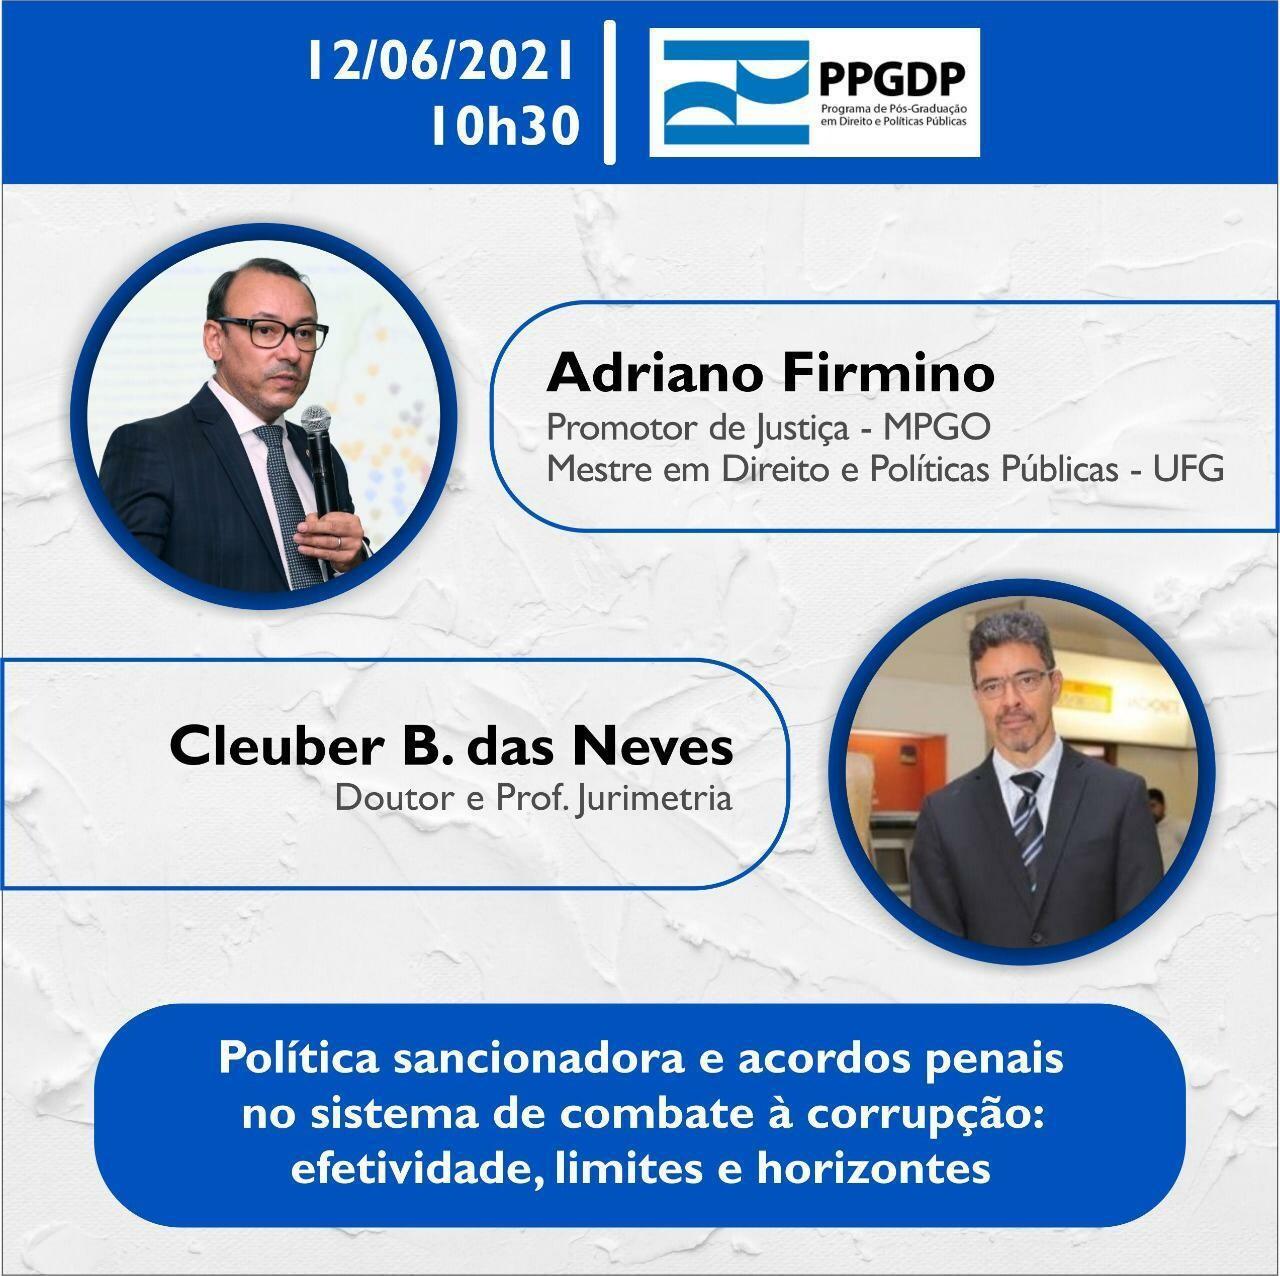 Politica sancionadora e acordos penais no sistema de combate à corrupção: efetividade, limites e horizontes.